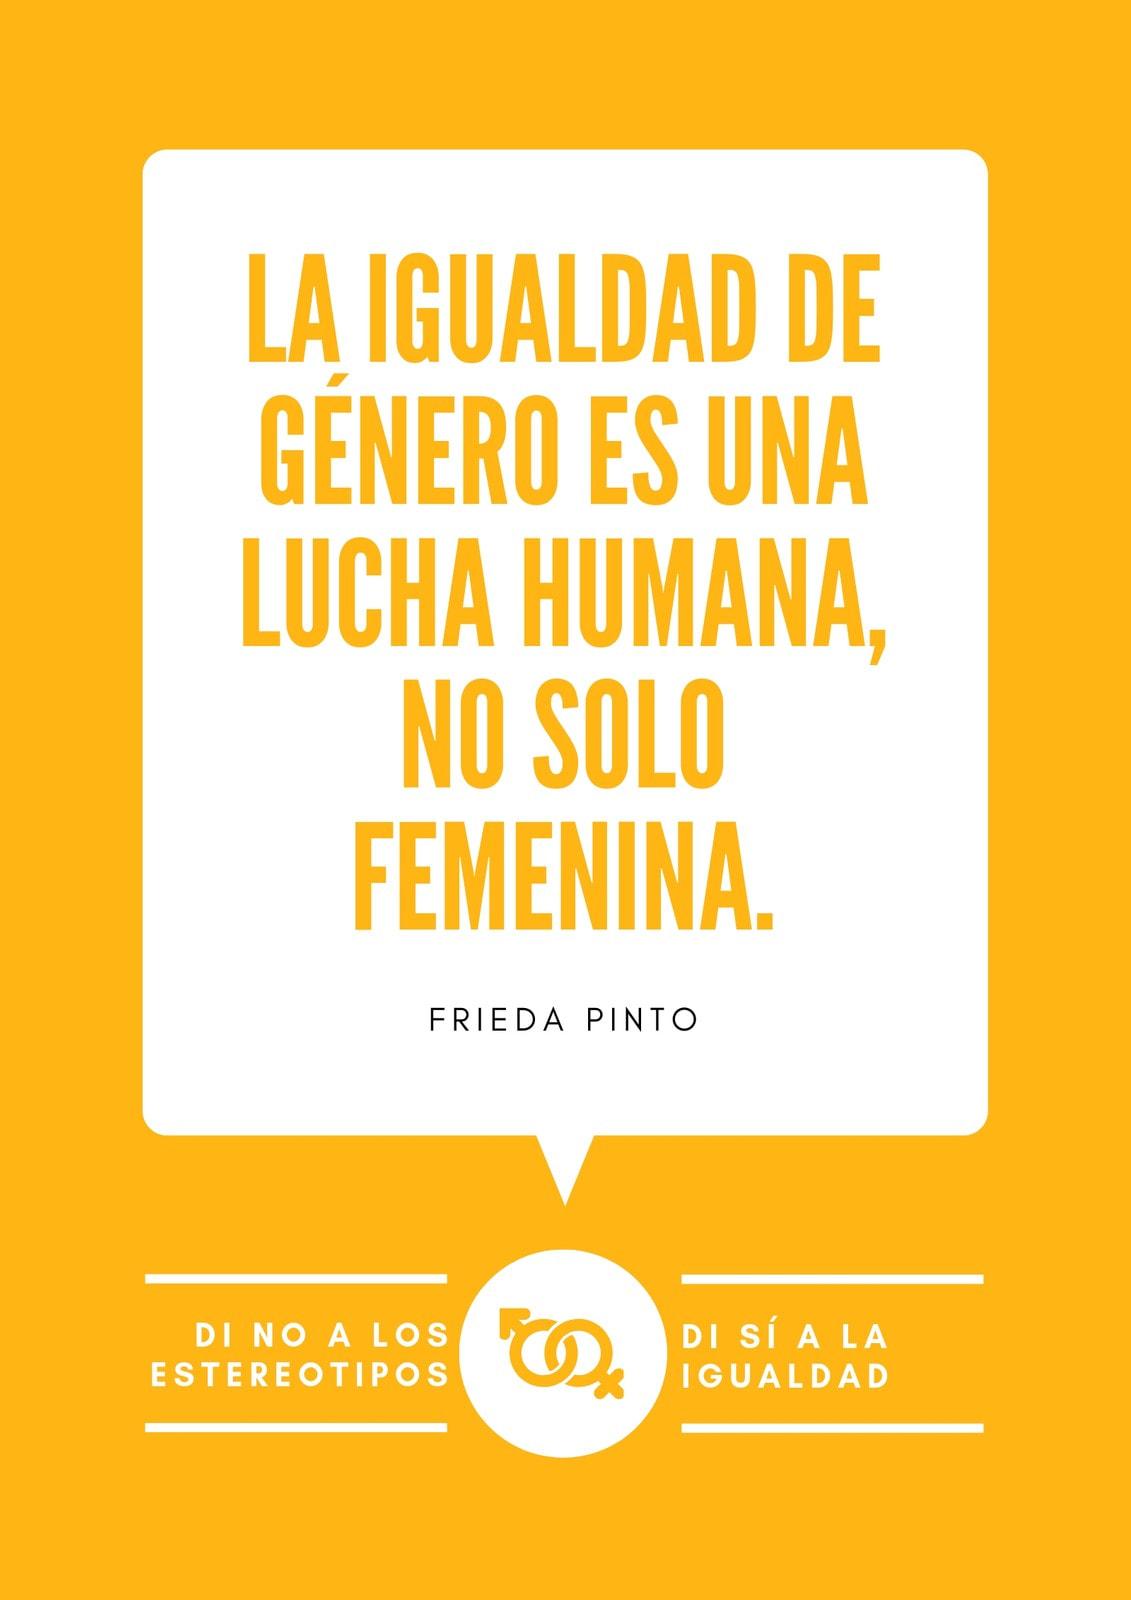 Naranja Bocadillo con Texto Cita sobre Igualdad de Género Póster